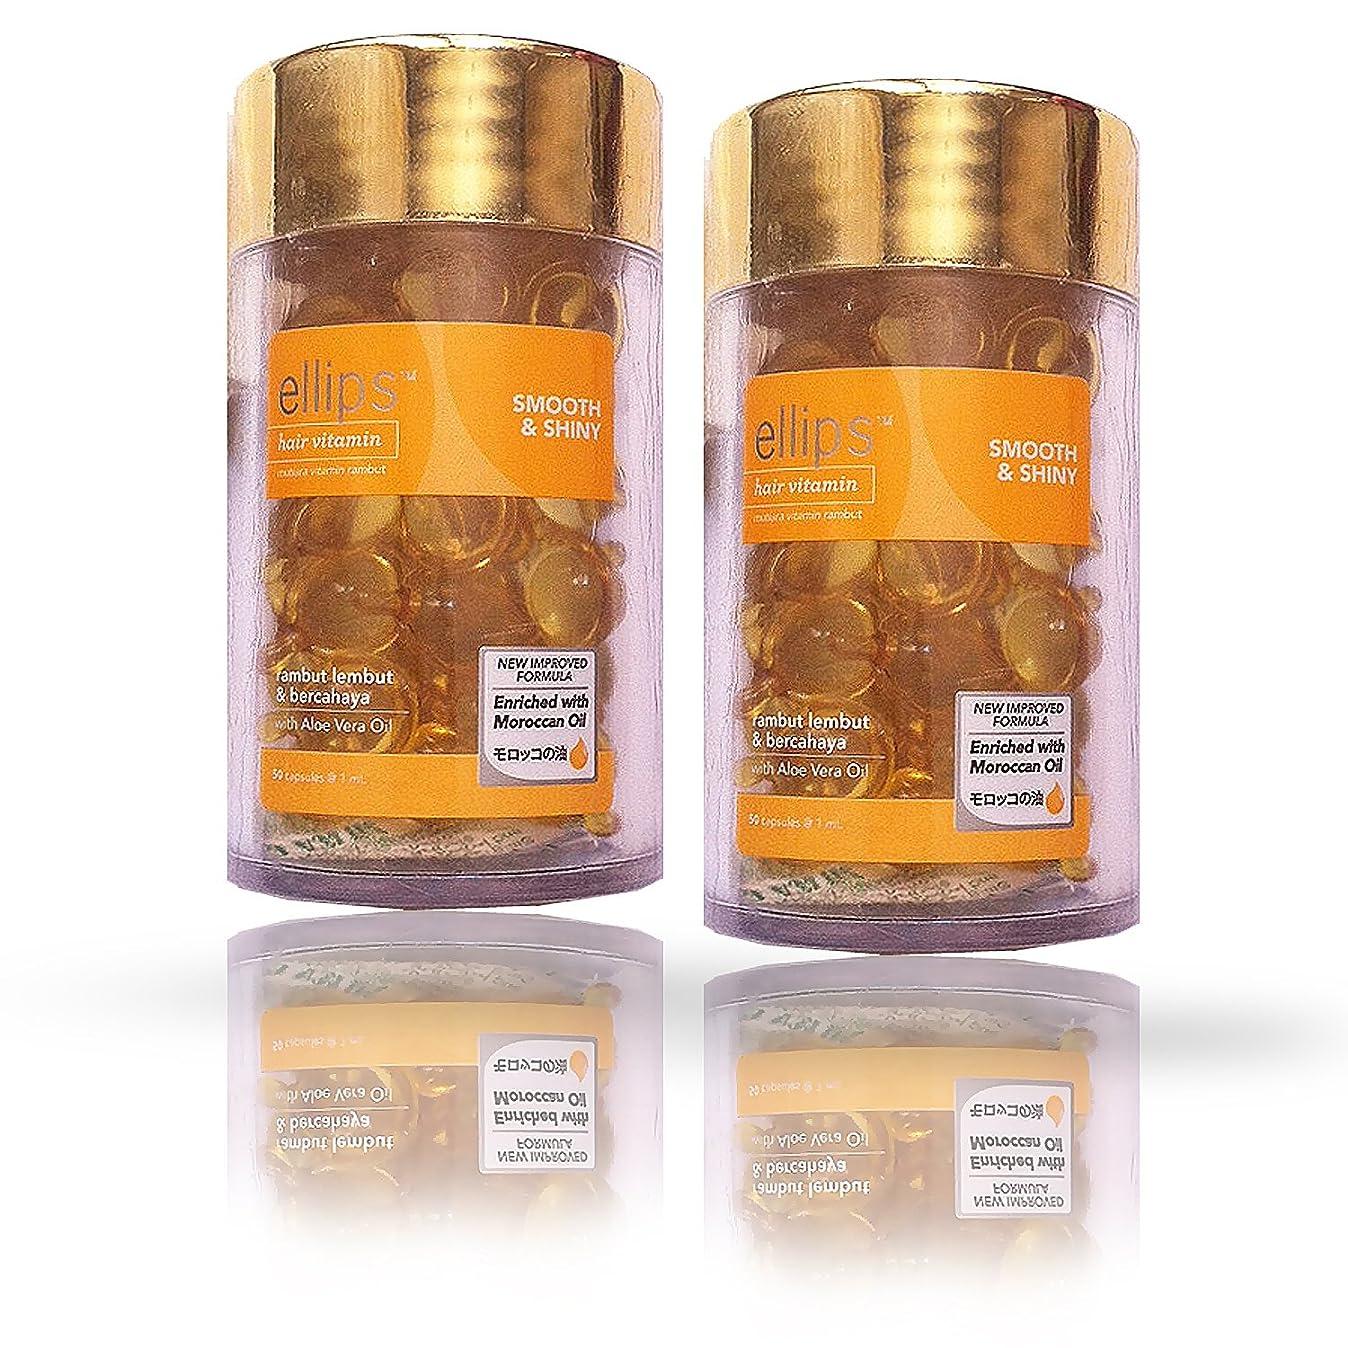 スマート神話狂ったエリップス(ellips)スムース&シャイニー(フレッシュ トロピカル フルーツの香り) ボトル50粒×2個